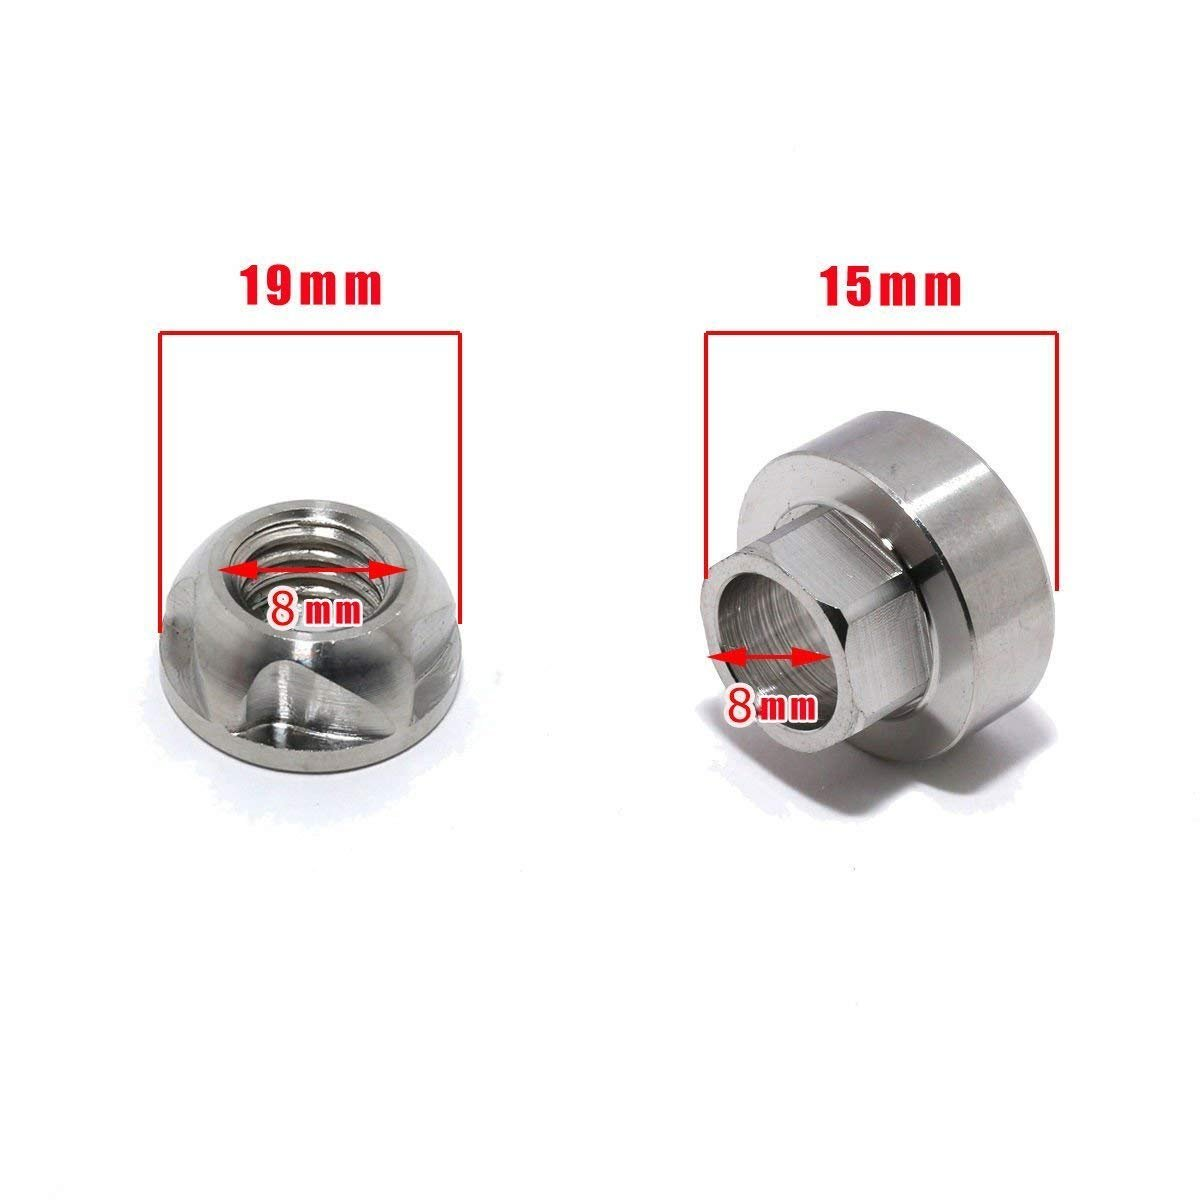 Lightronic 400 W fusibile 60 A kit di cablaggio per barra LED rel/è 40 A